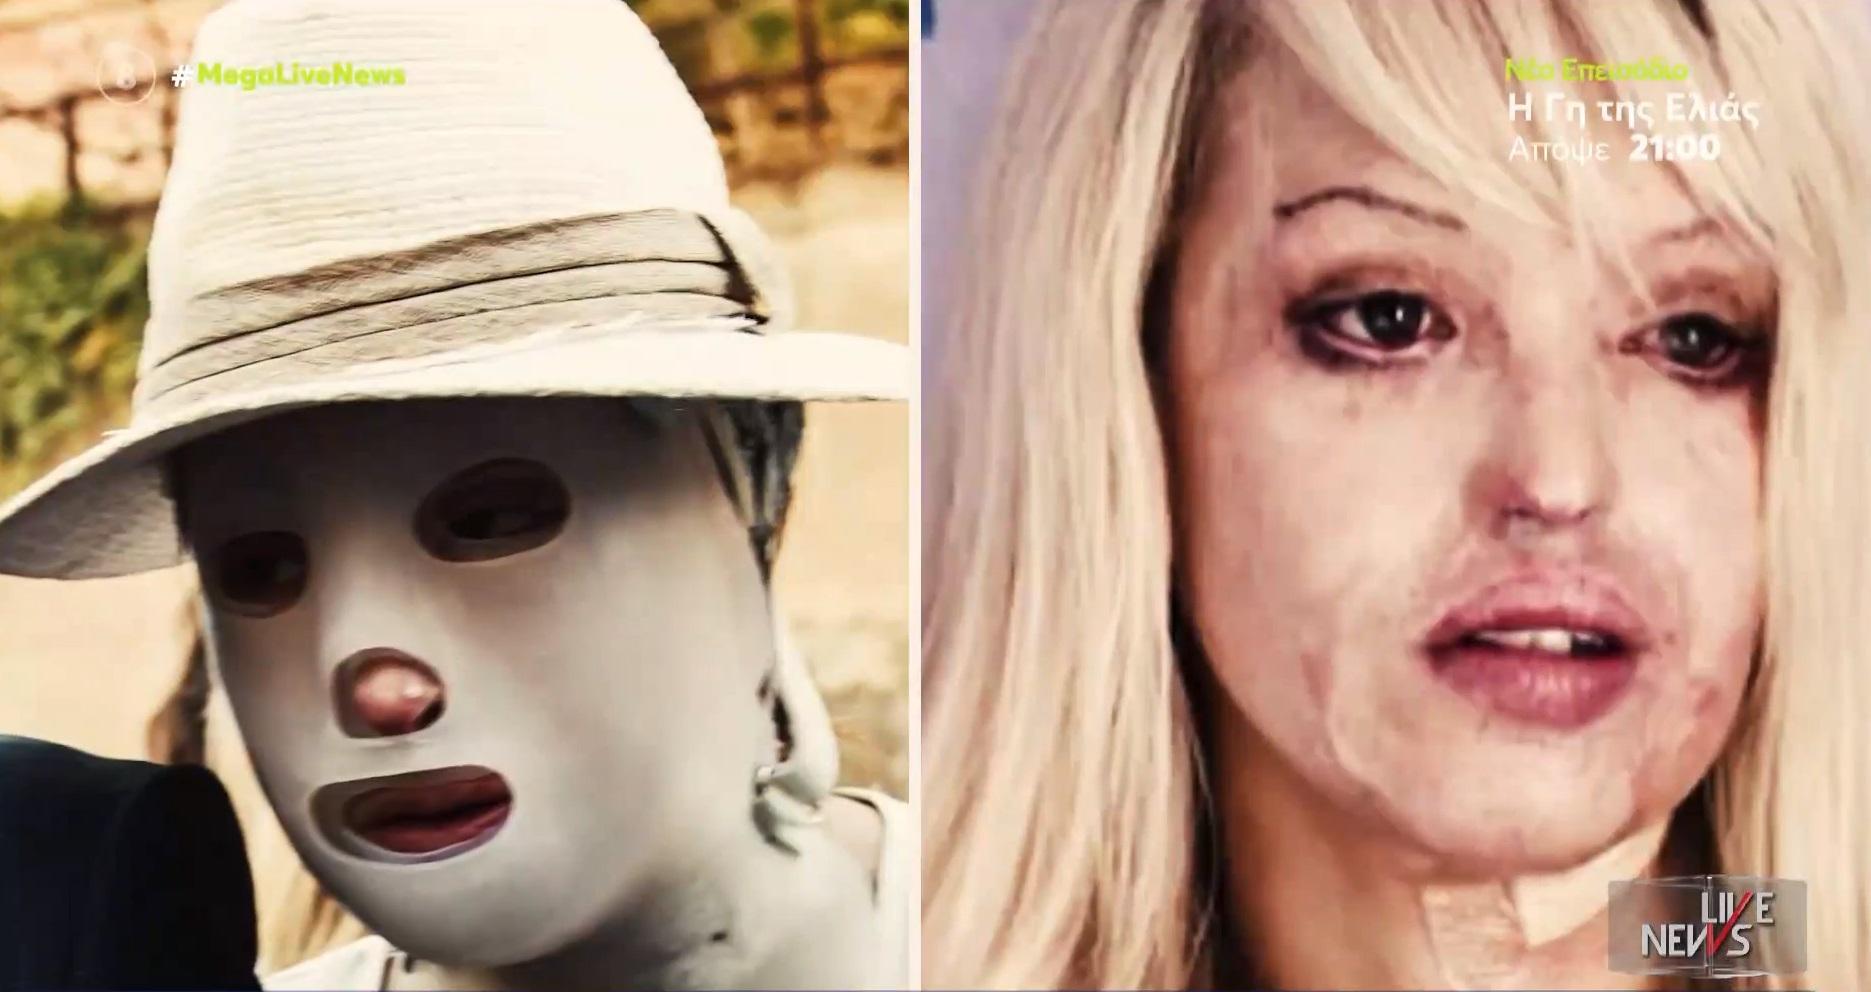 Επίθεση με βιτριόλι: Ιωάννα Παλιοσπύρου – Κέιτι Πάιπερ, δύο  ιστορίες με πολλές ομοιότητες